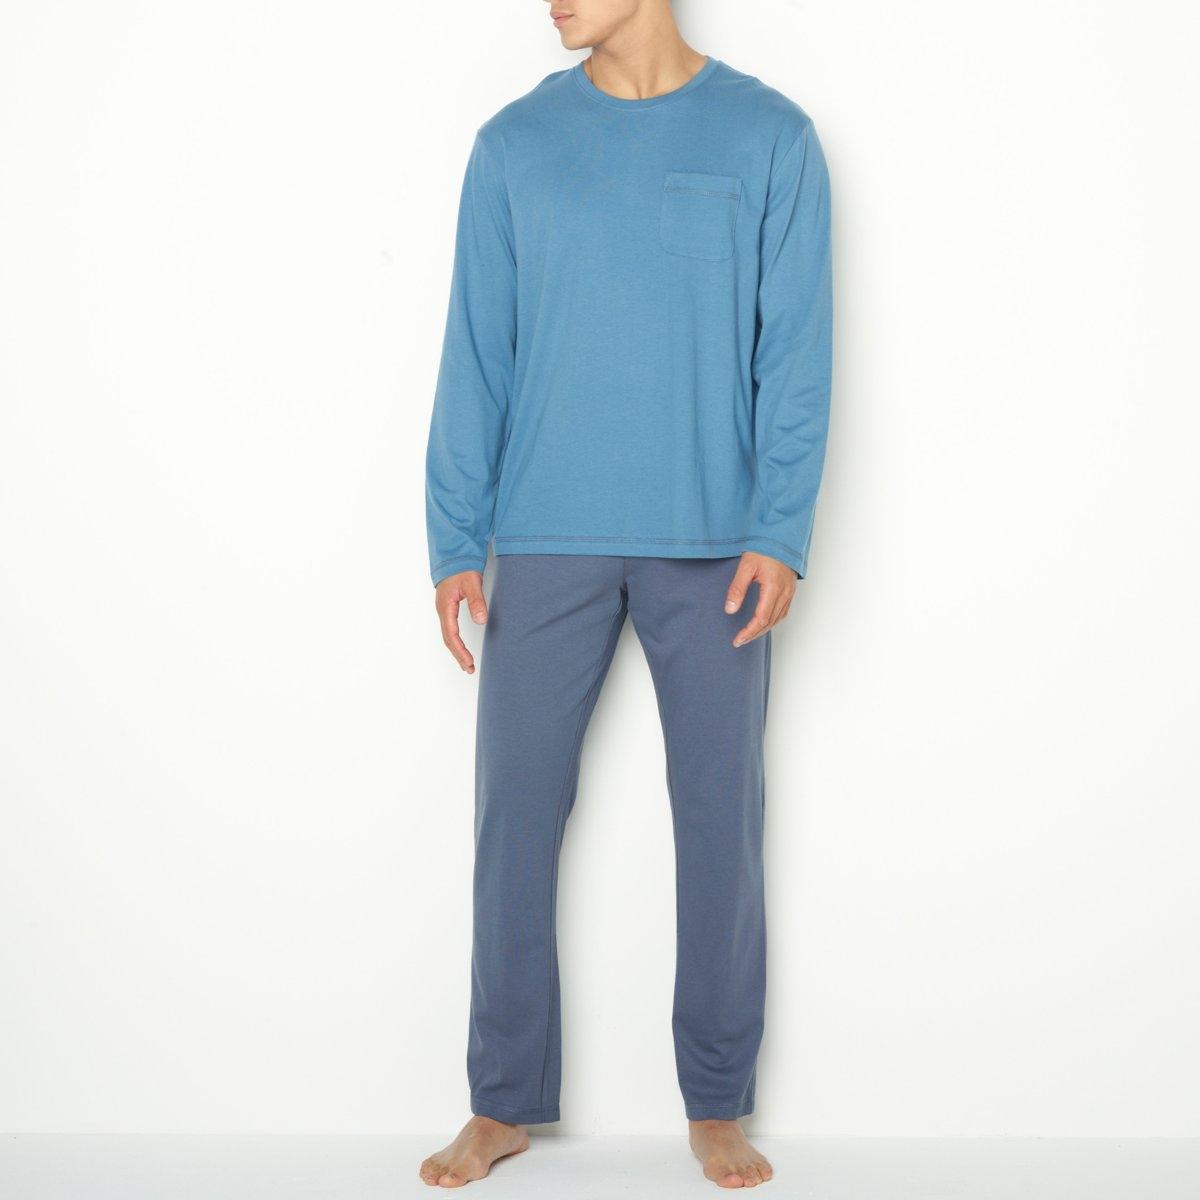 ПижамаДжерси, 100% хлопка. Футболка с длинными рукавами, круглым вырезом, нагрудным карманом и контрастной строчкой. Брюки с эластичным поясом.<br><br>Цвет: серый/ антрацит,синий/ темно-синий<br>Размер: S.XL.XL.XXL